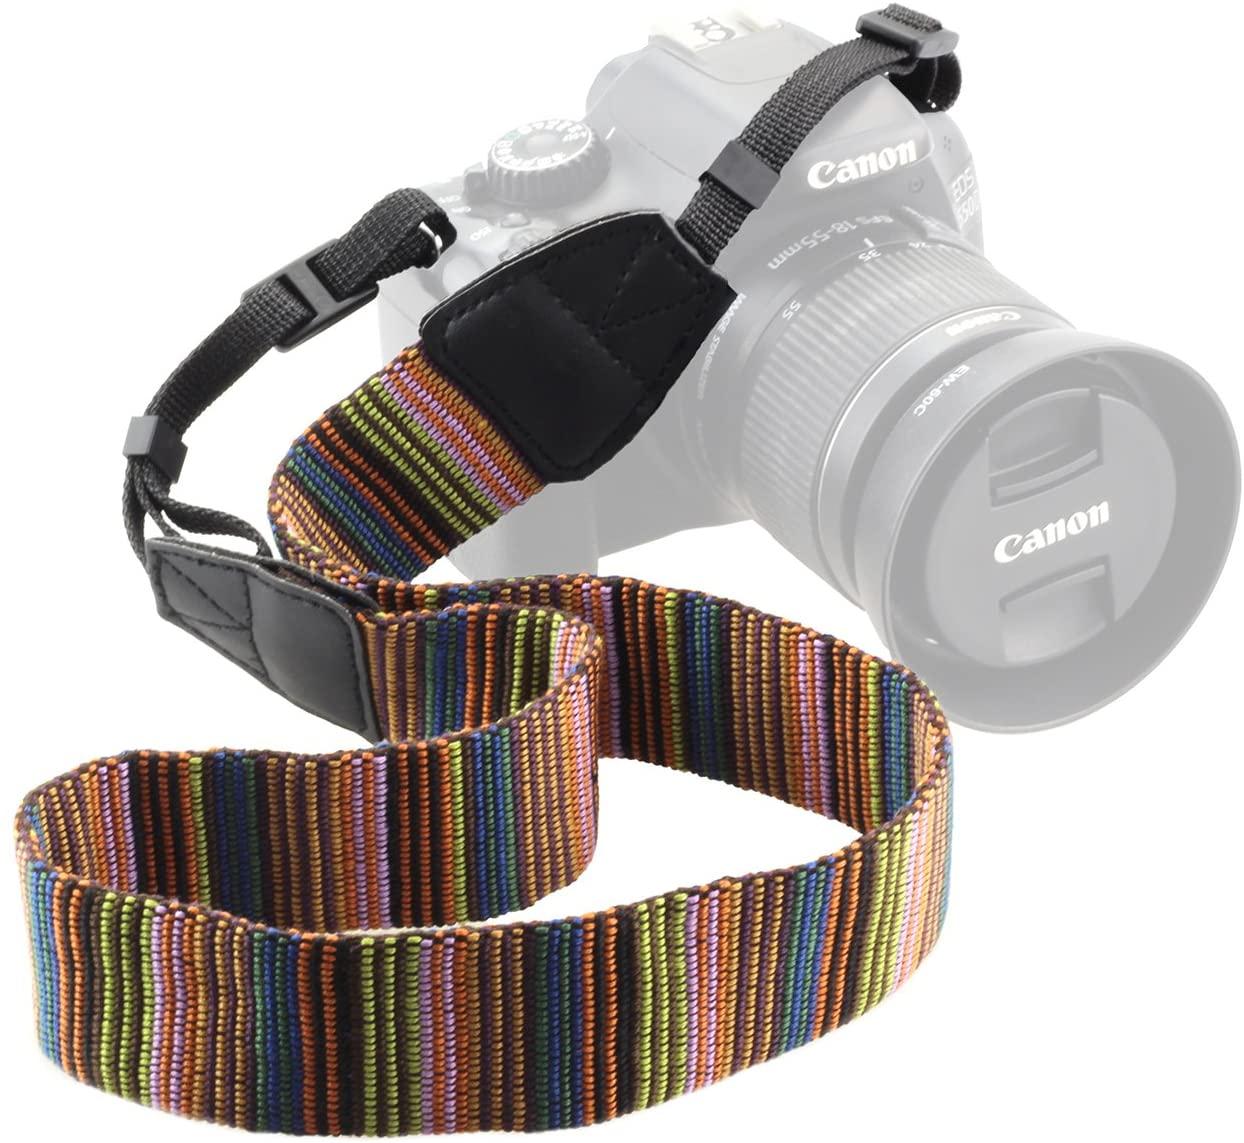 BeeChamp Vintage Soft Shoulder Strap Colorful Camcorder Belt for DSLR Camera